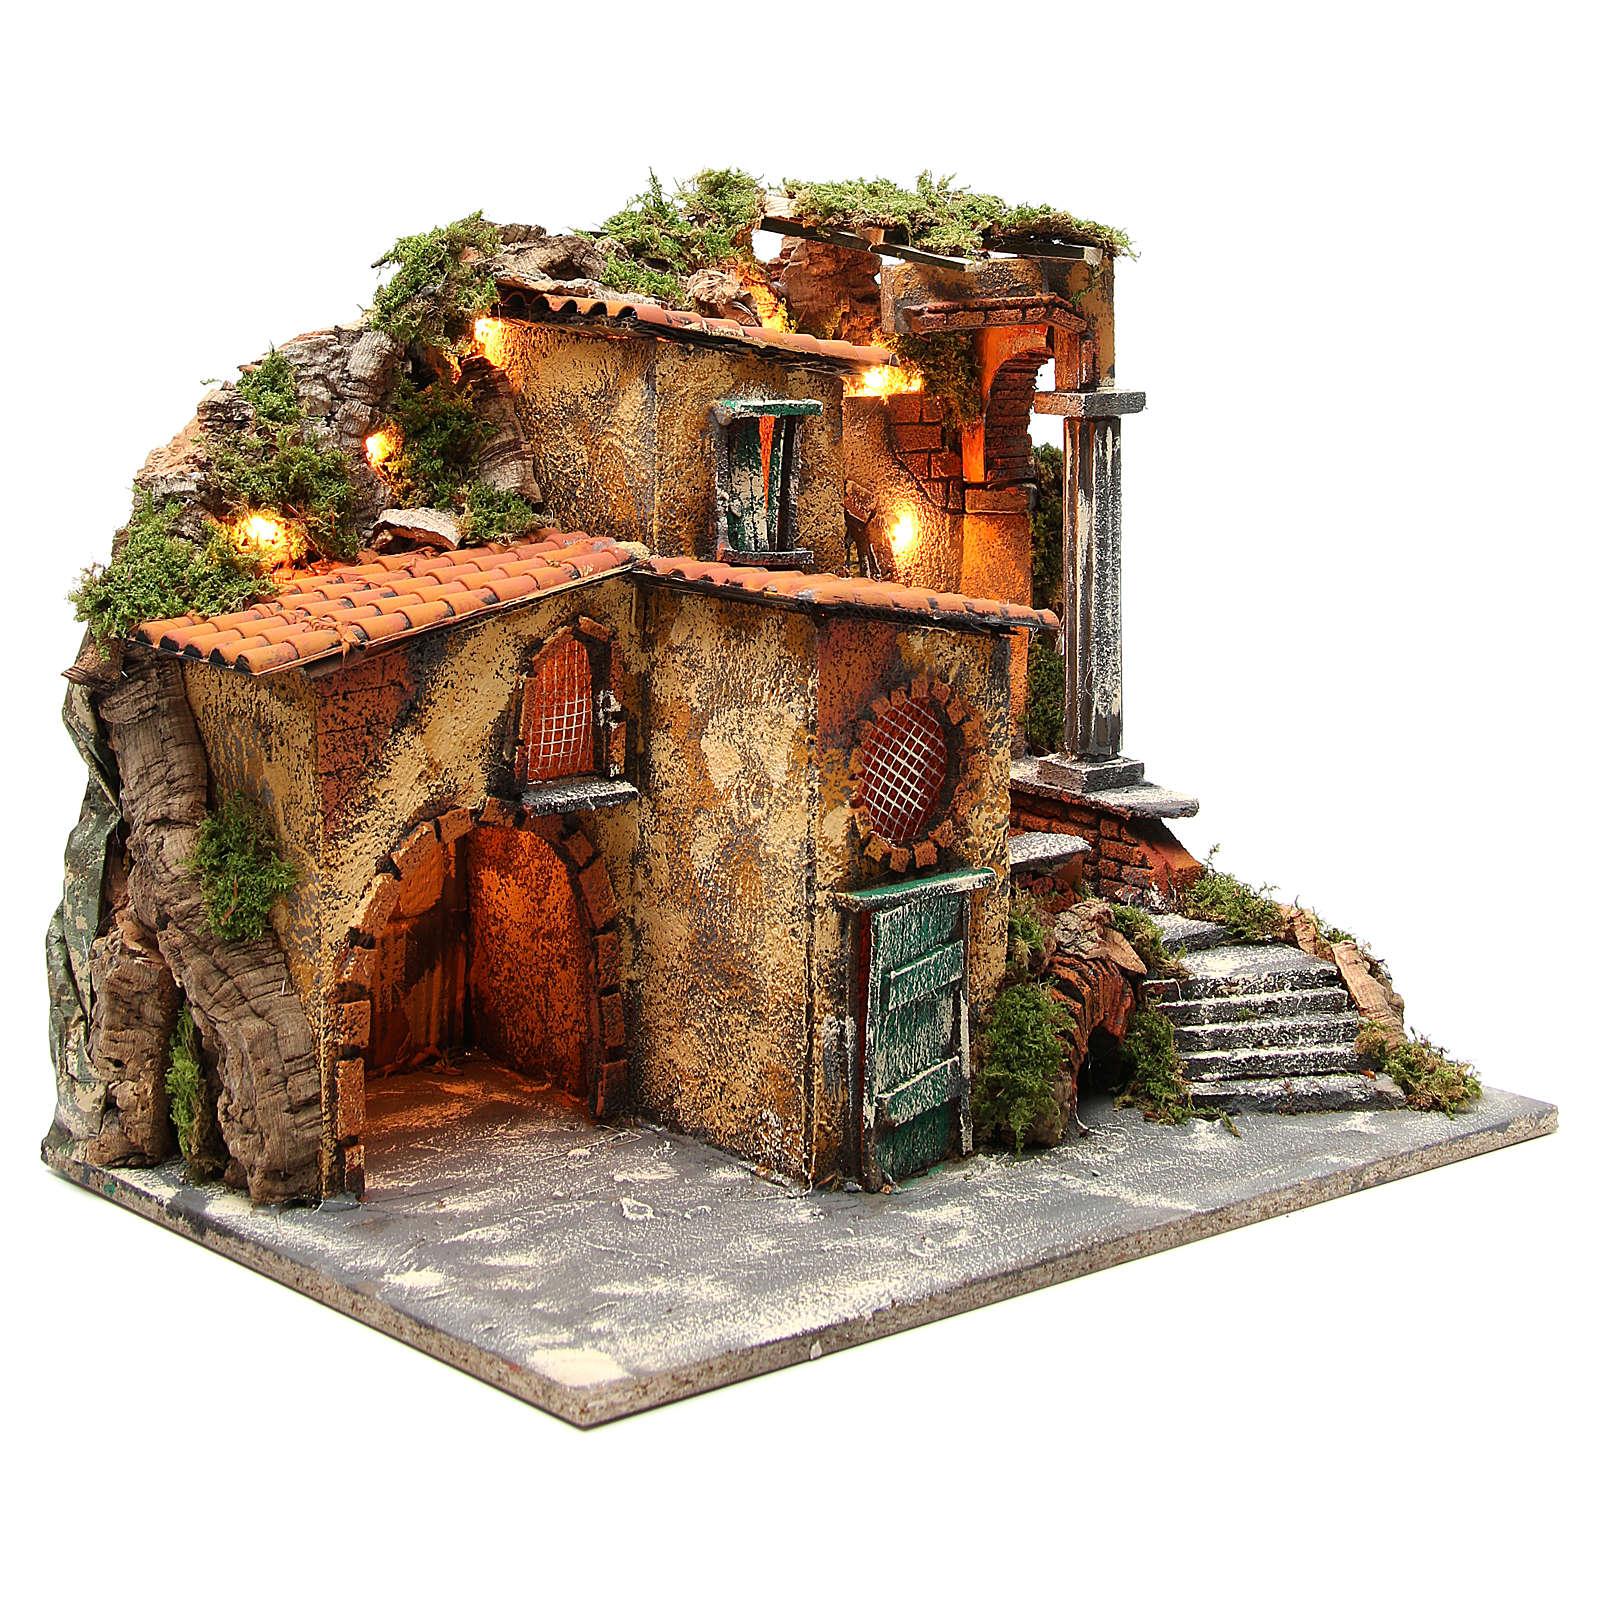 Borgo rustico presepe illuminato con capanna 36x51x35 cm 4